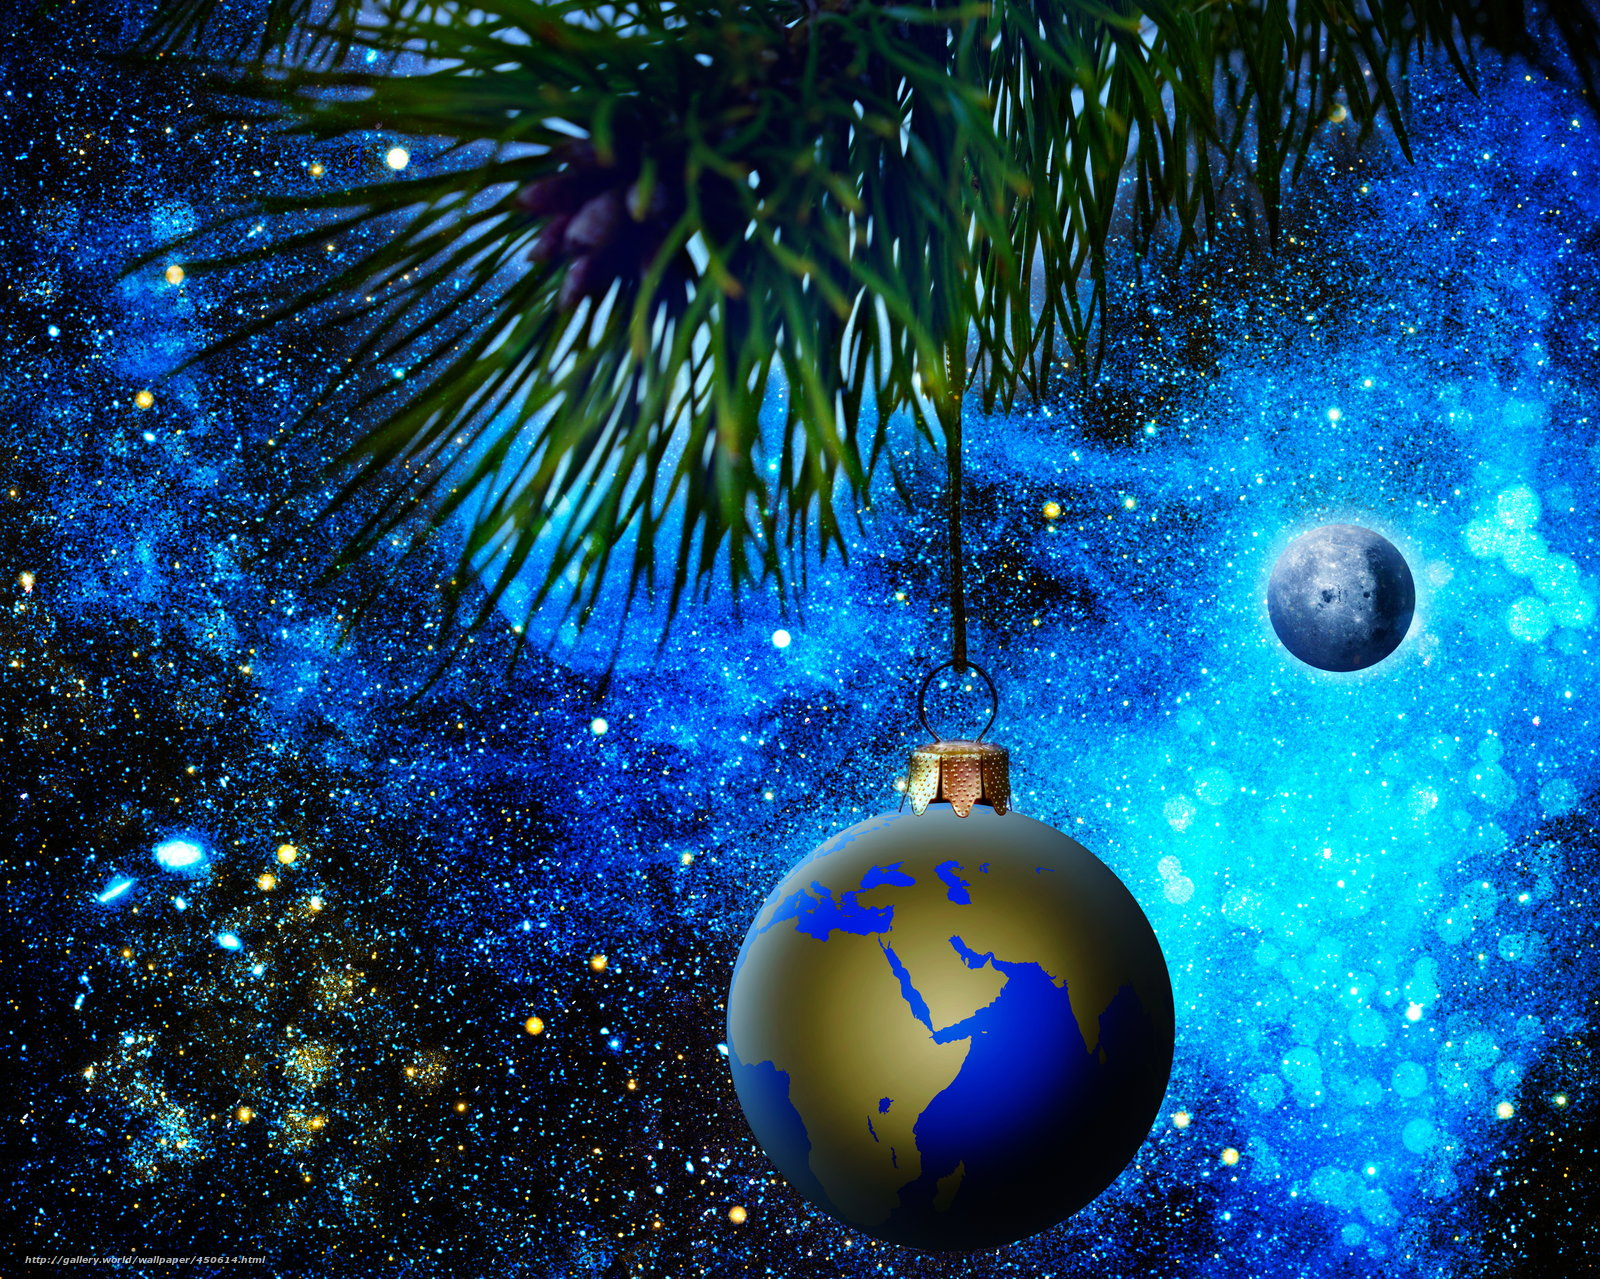 можно брать поздравление с новым годом планета земля это всегда